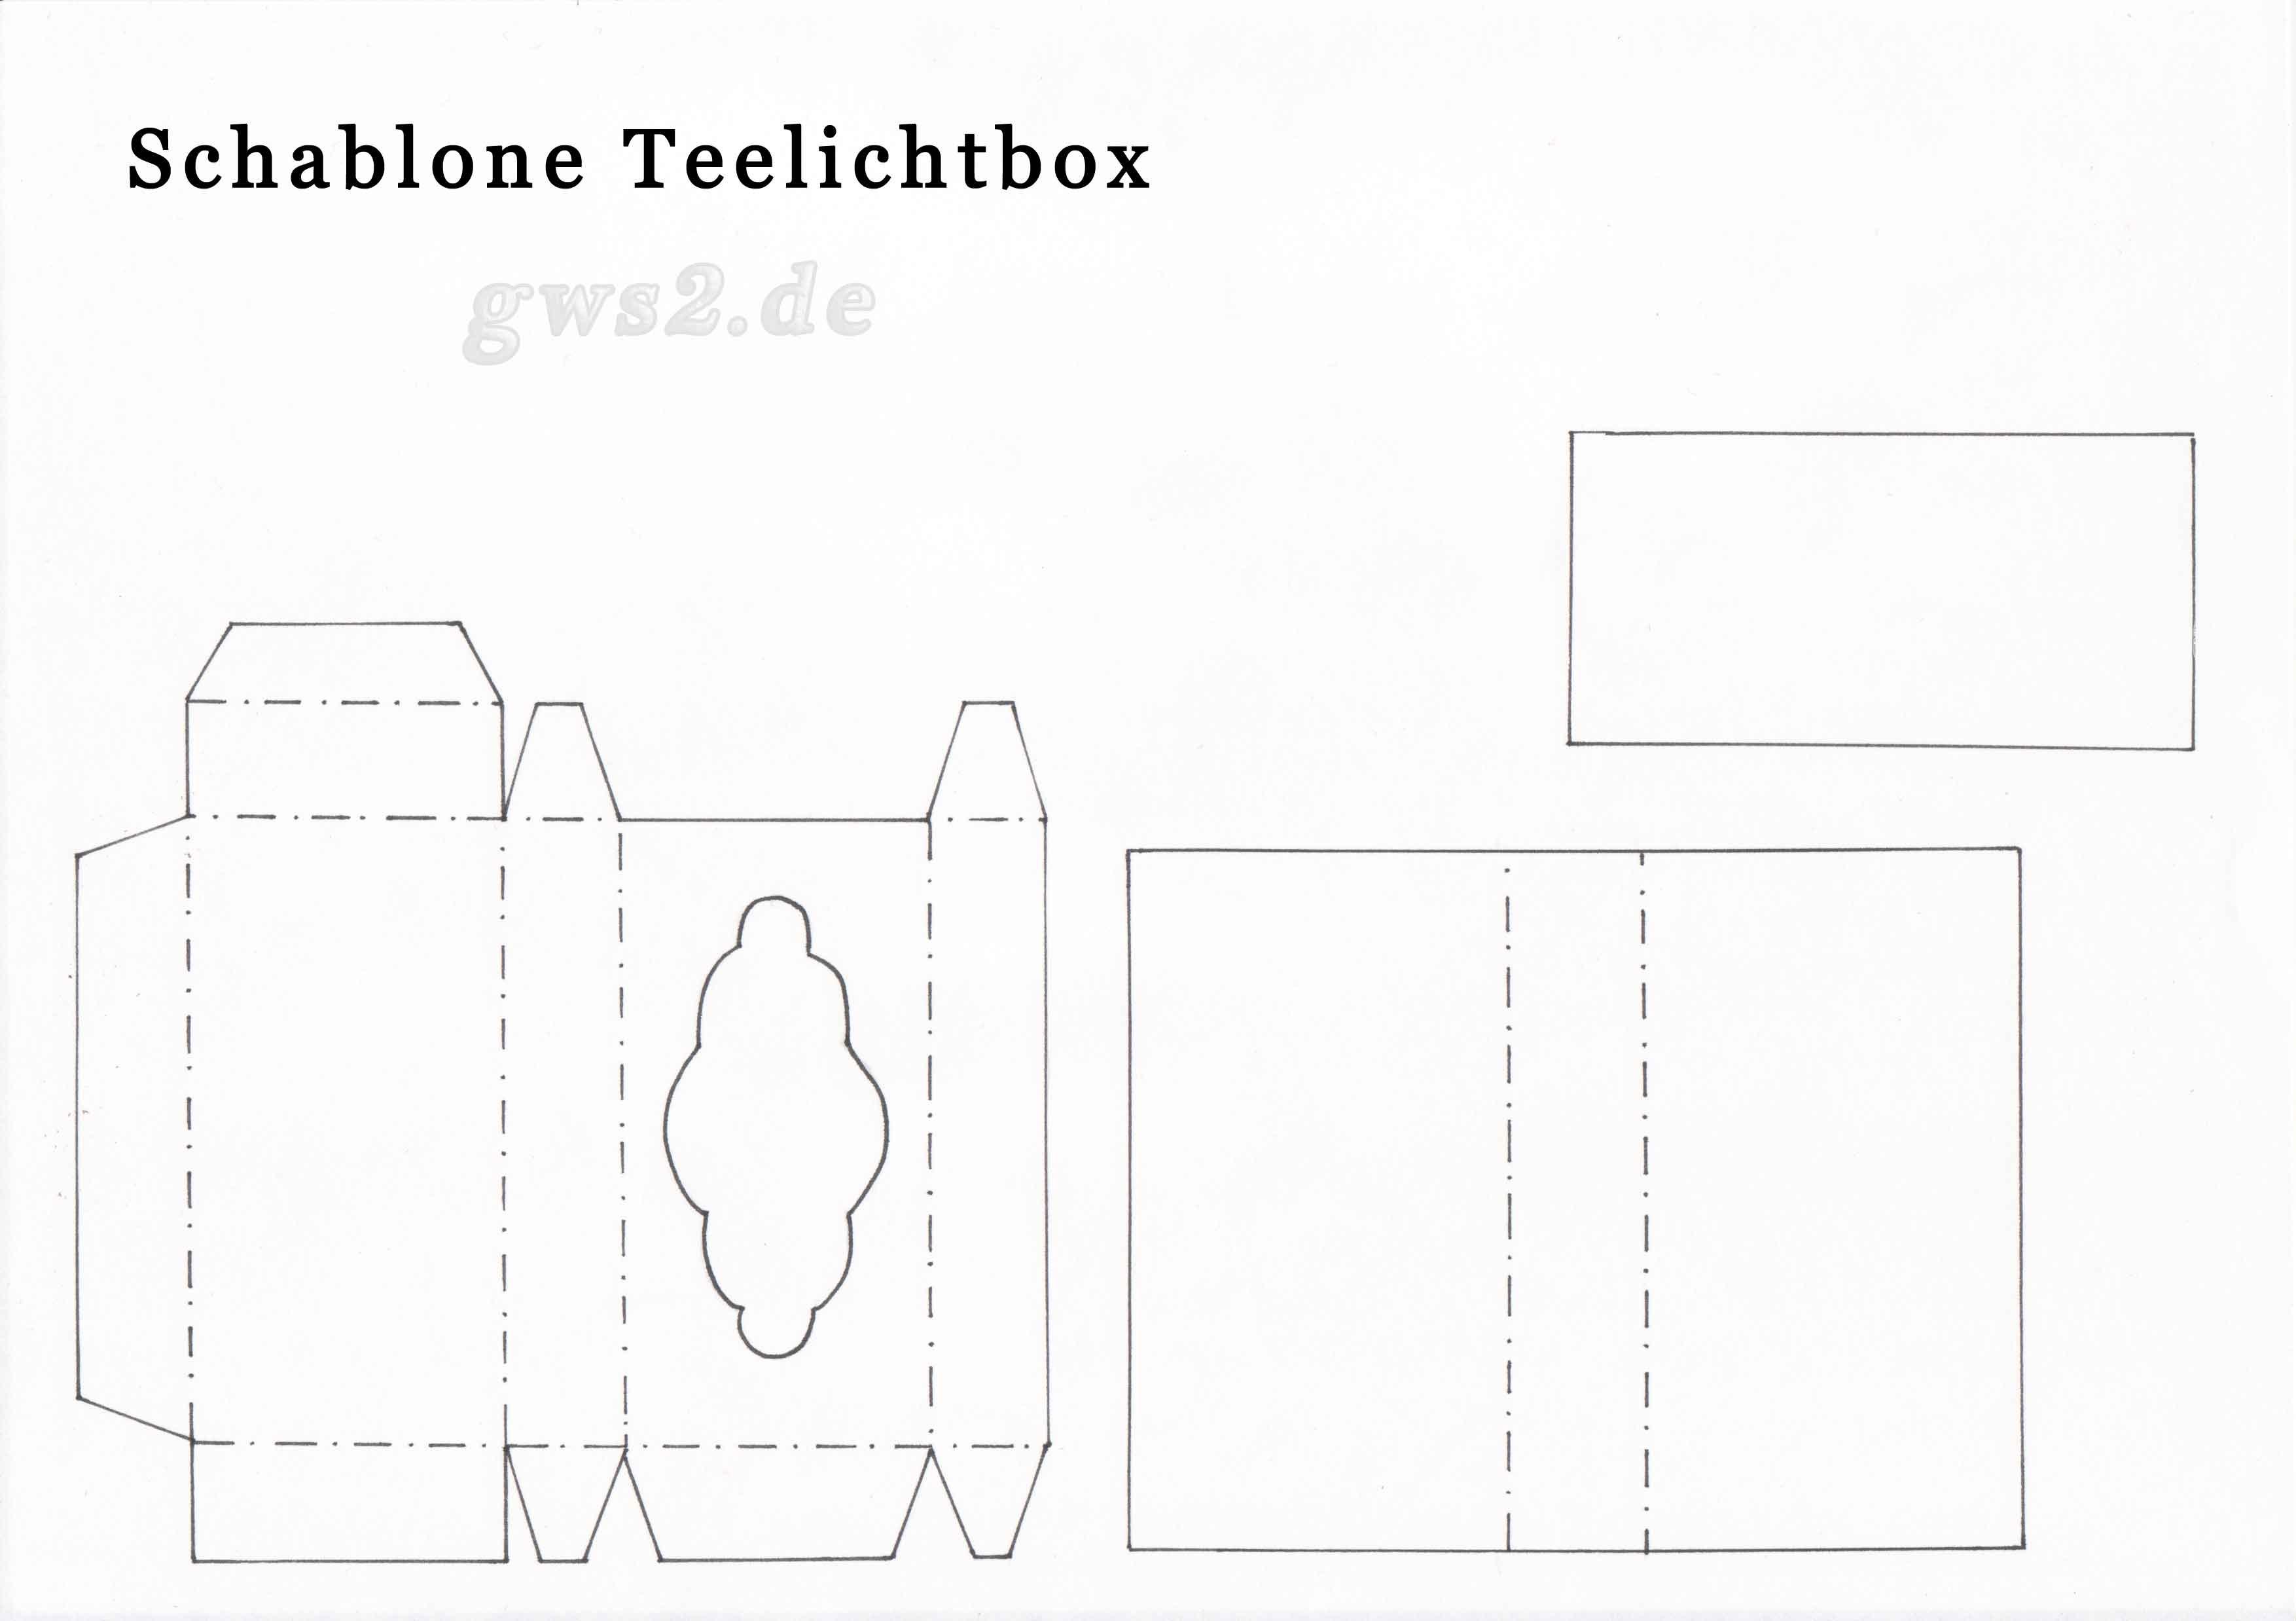 Schablone Teelichtbox